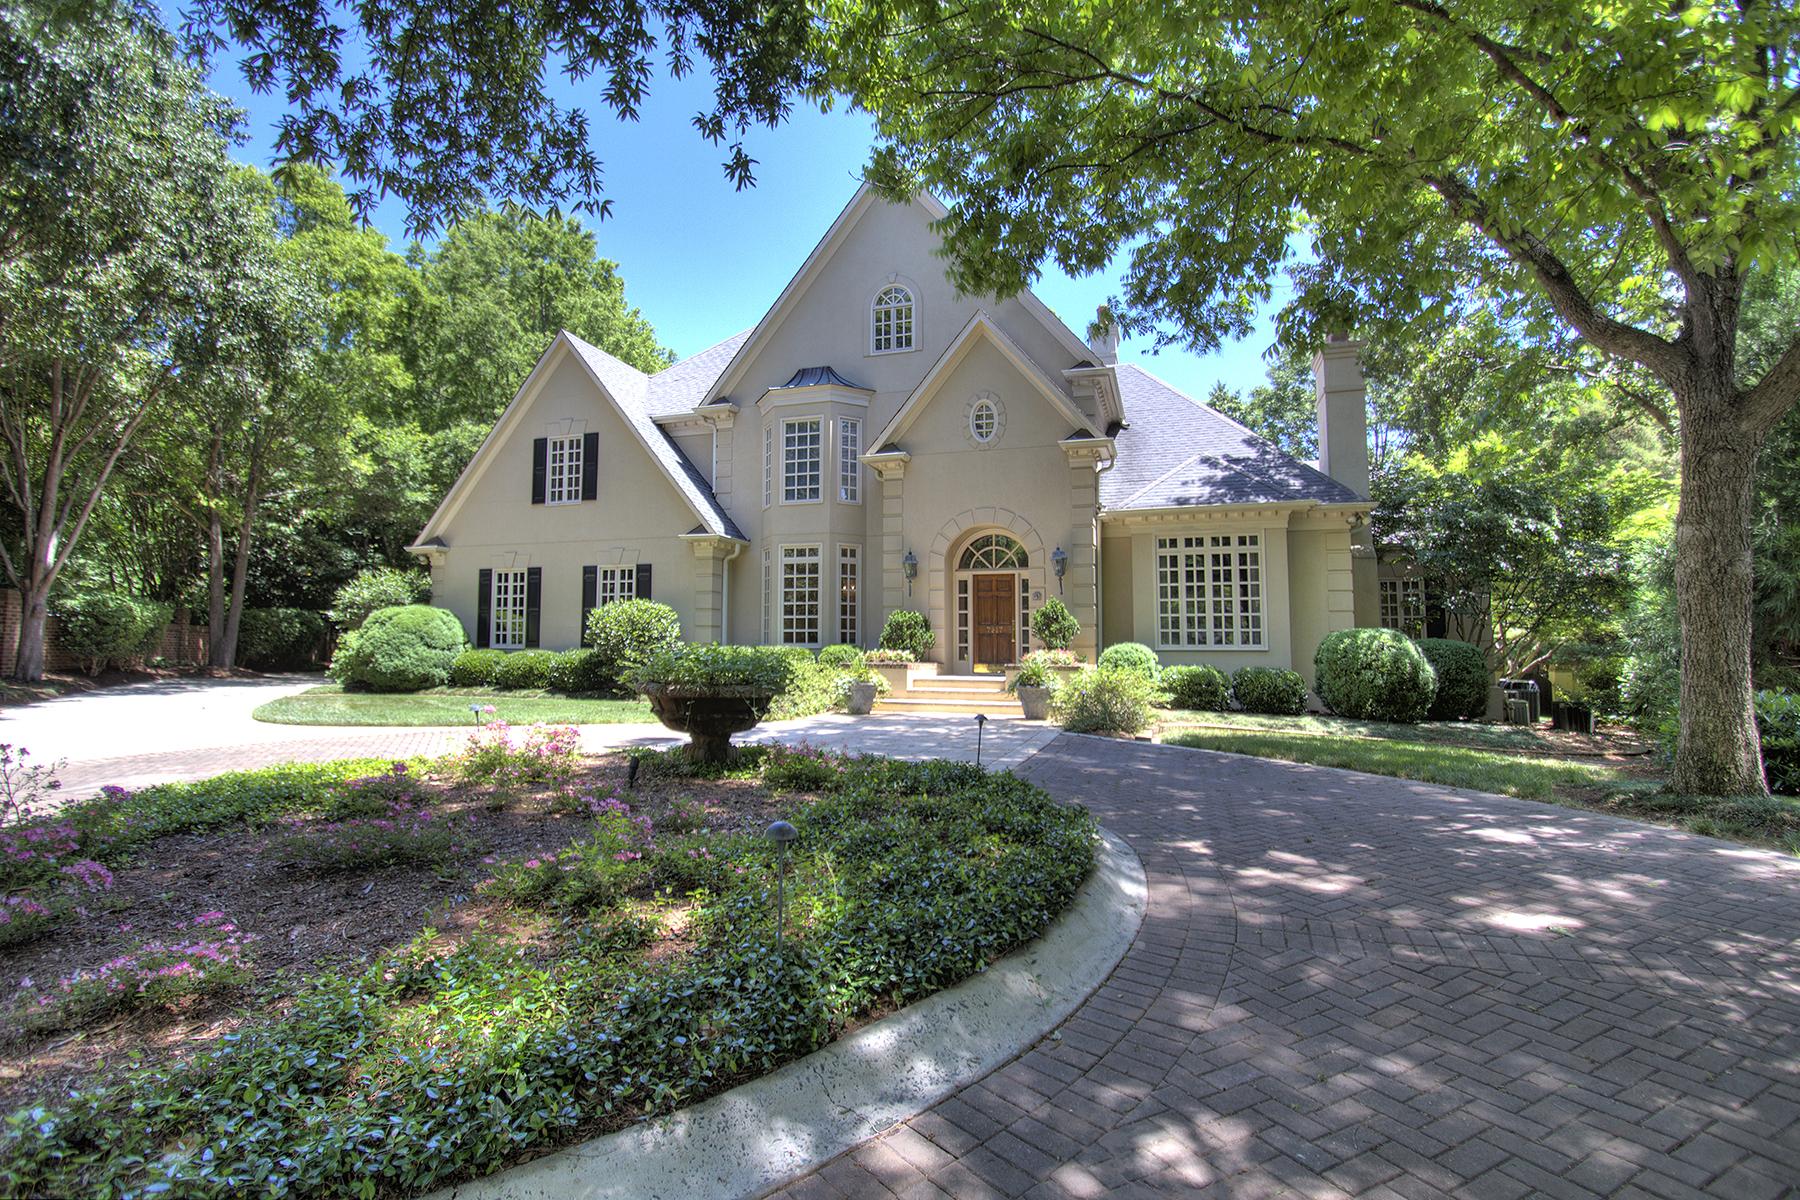 단독 가정 주택 용 매매 에 MORROCROFT ESTATES 7217 Country View Ct Charlotte, 노스캐놀라이나 28211 미국